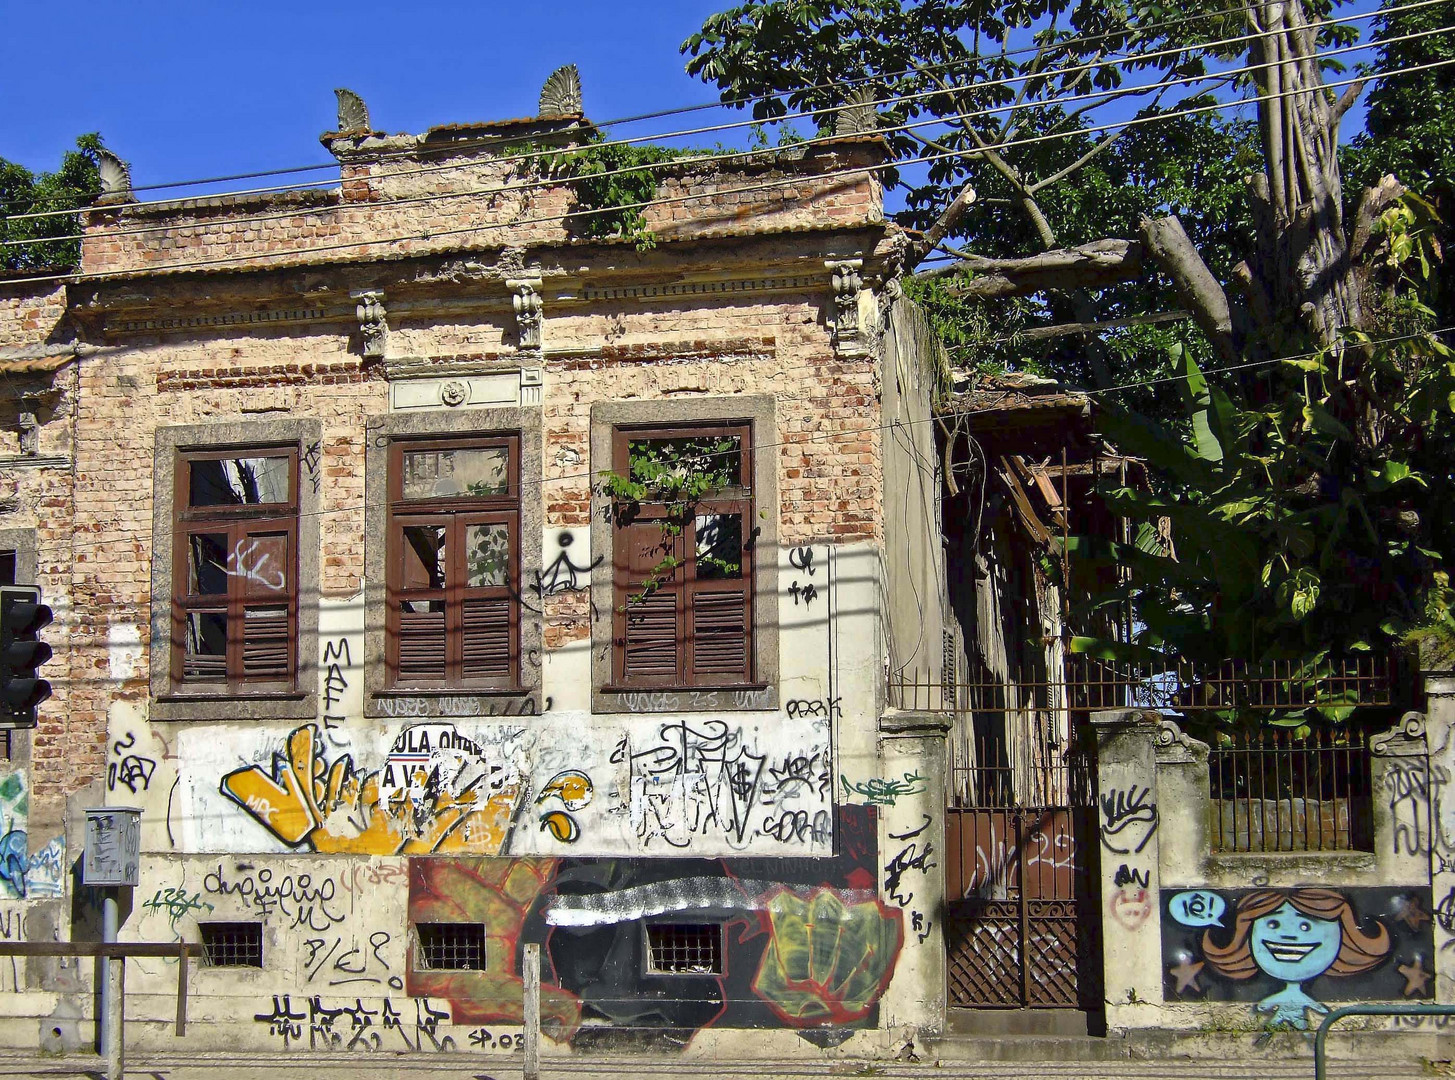 Rio - Ruine am botanischen Garten